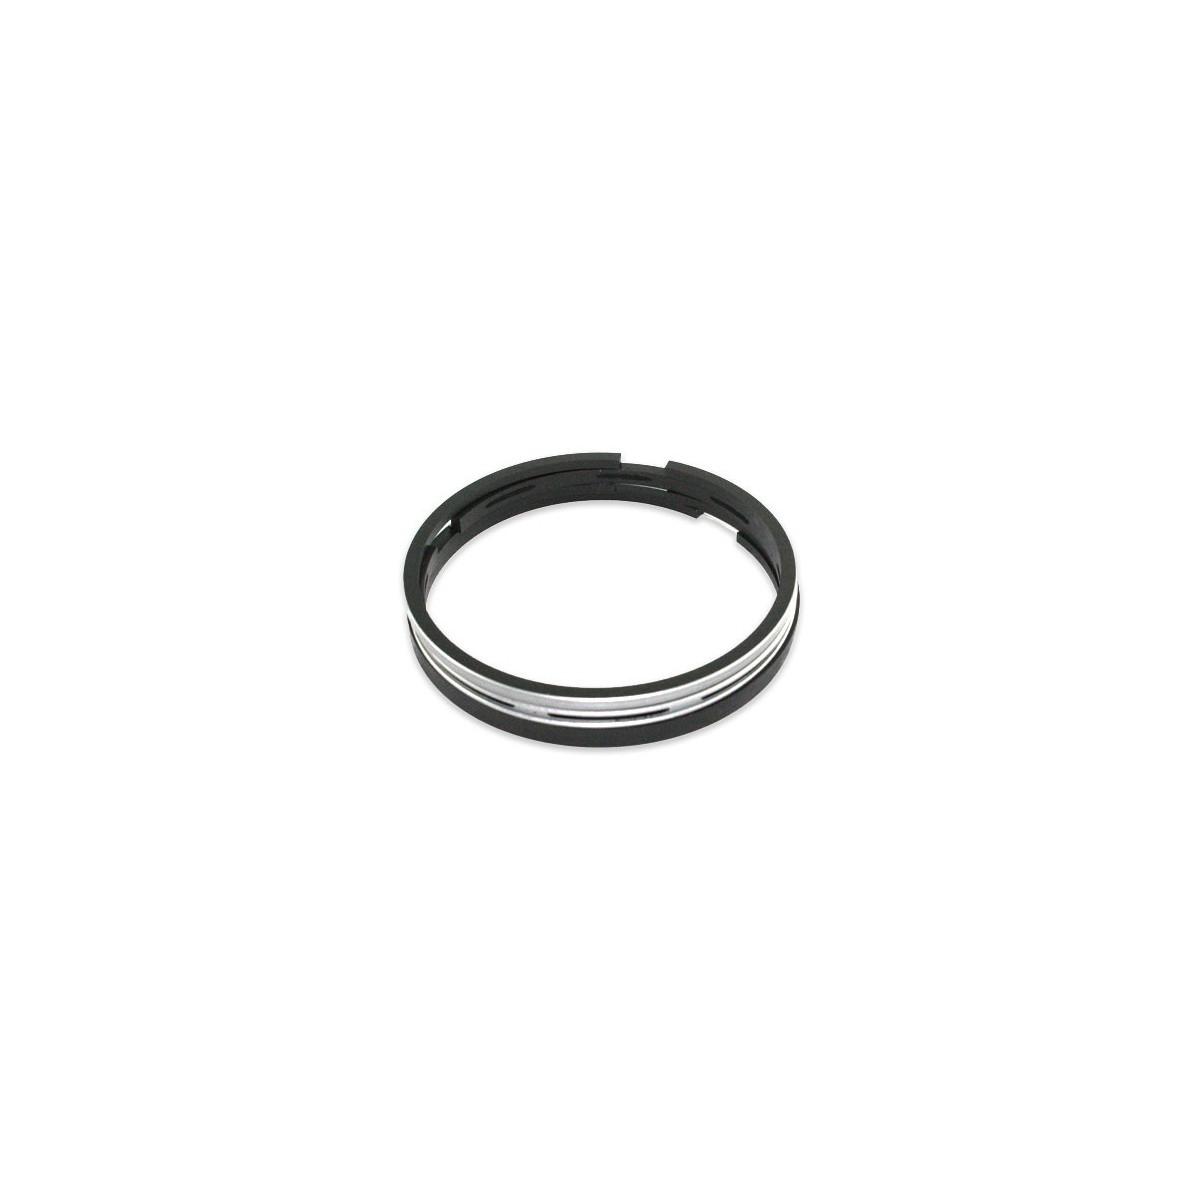 Piston Ring Set SHIBAURA SD2200-2640 85: 2.9 x 2.5 x 2.5 x 4   STD